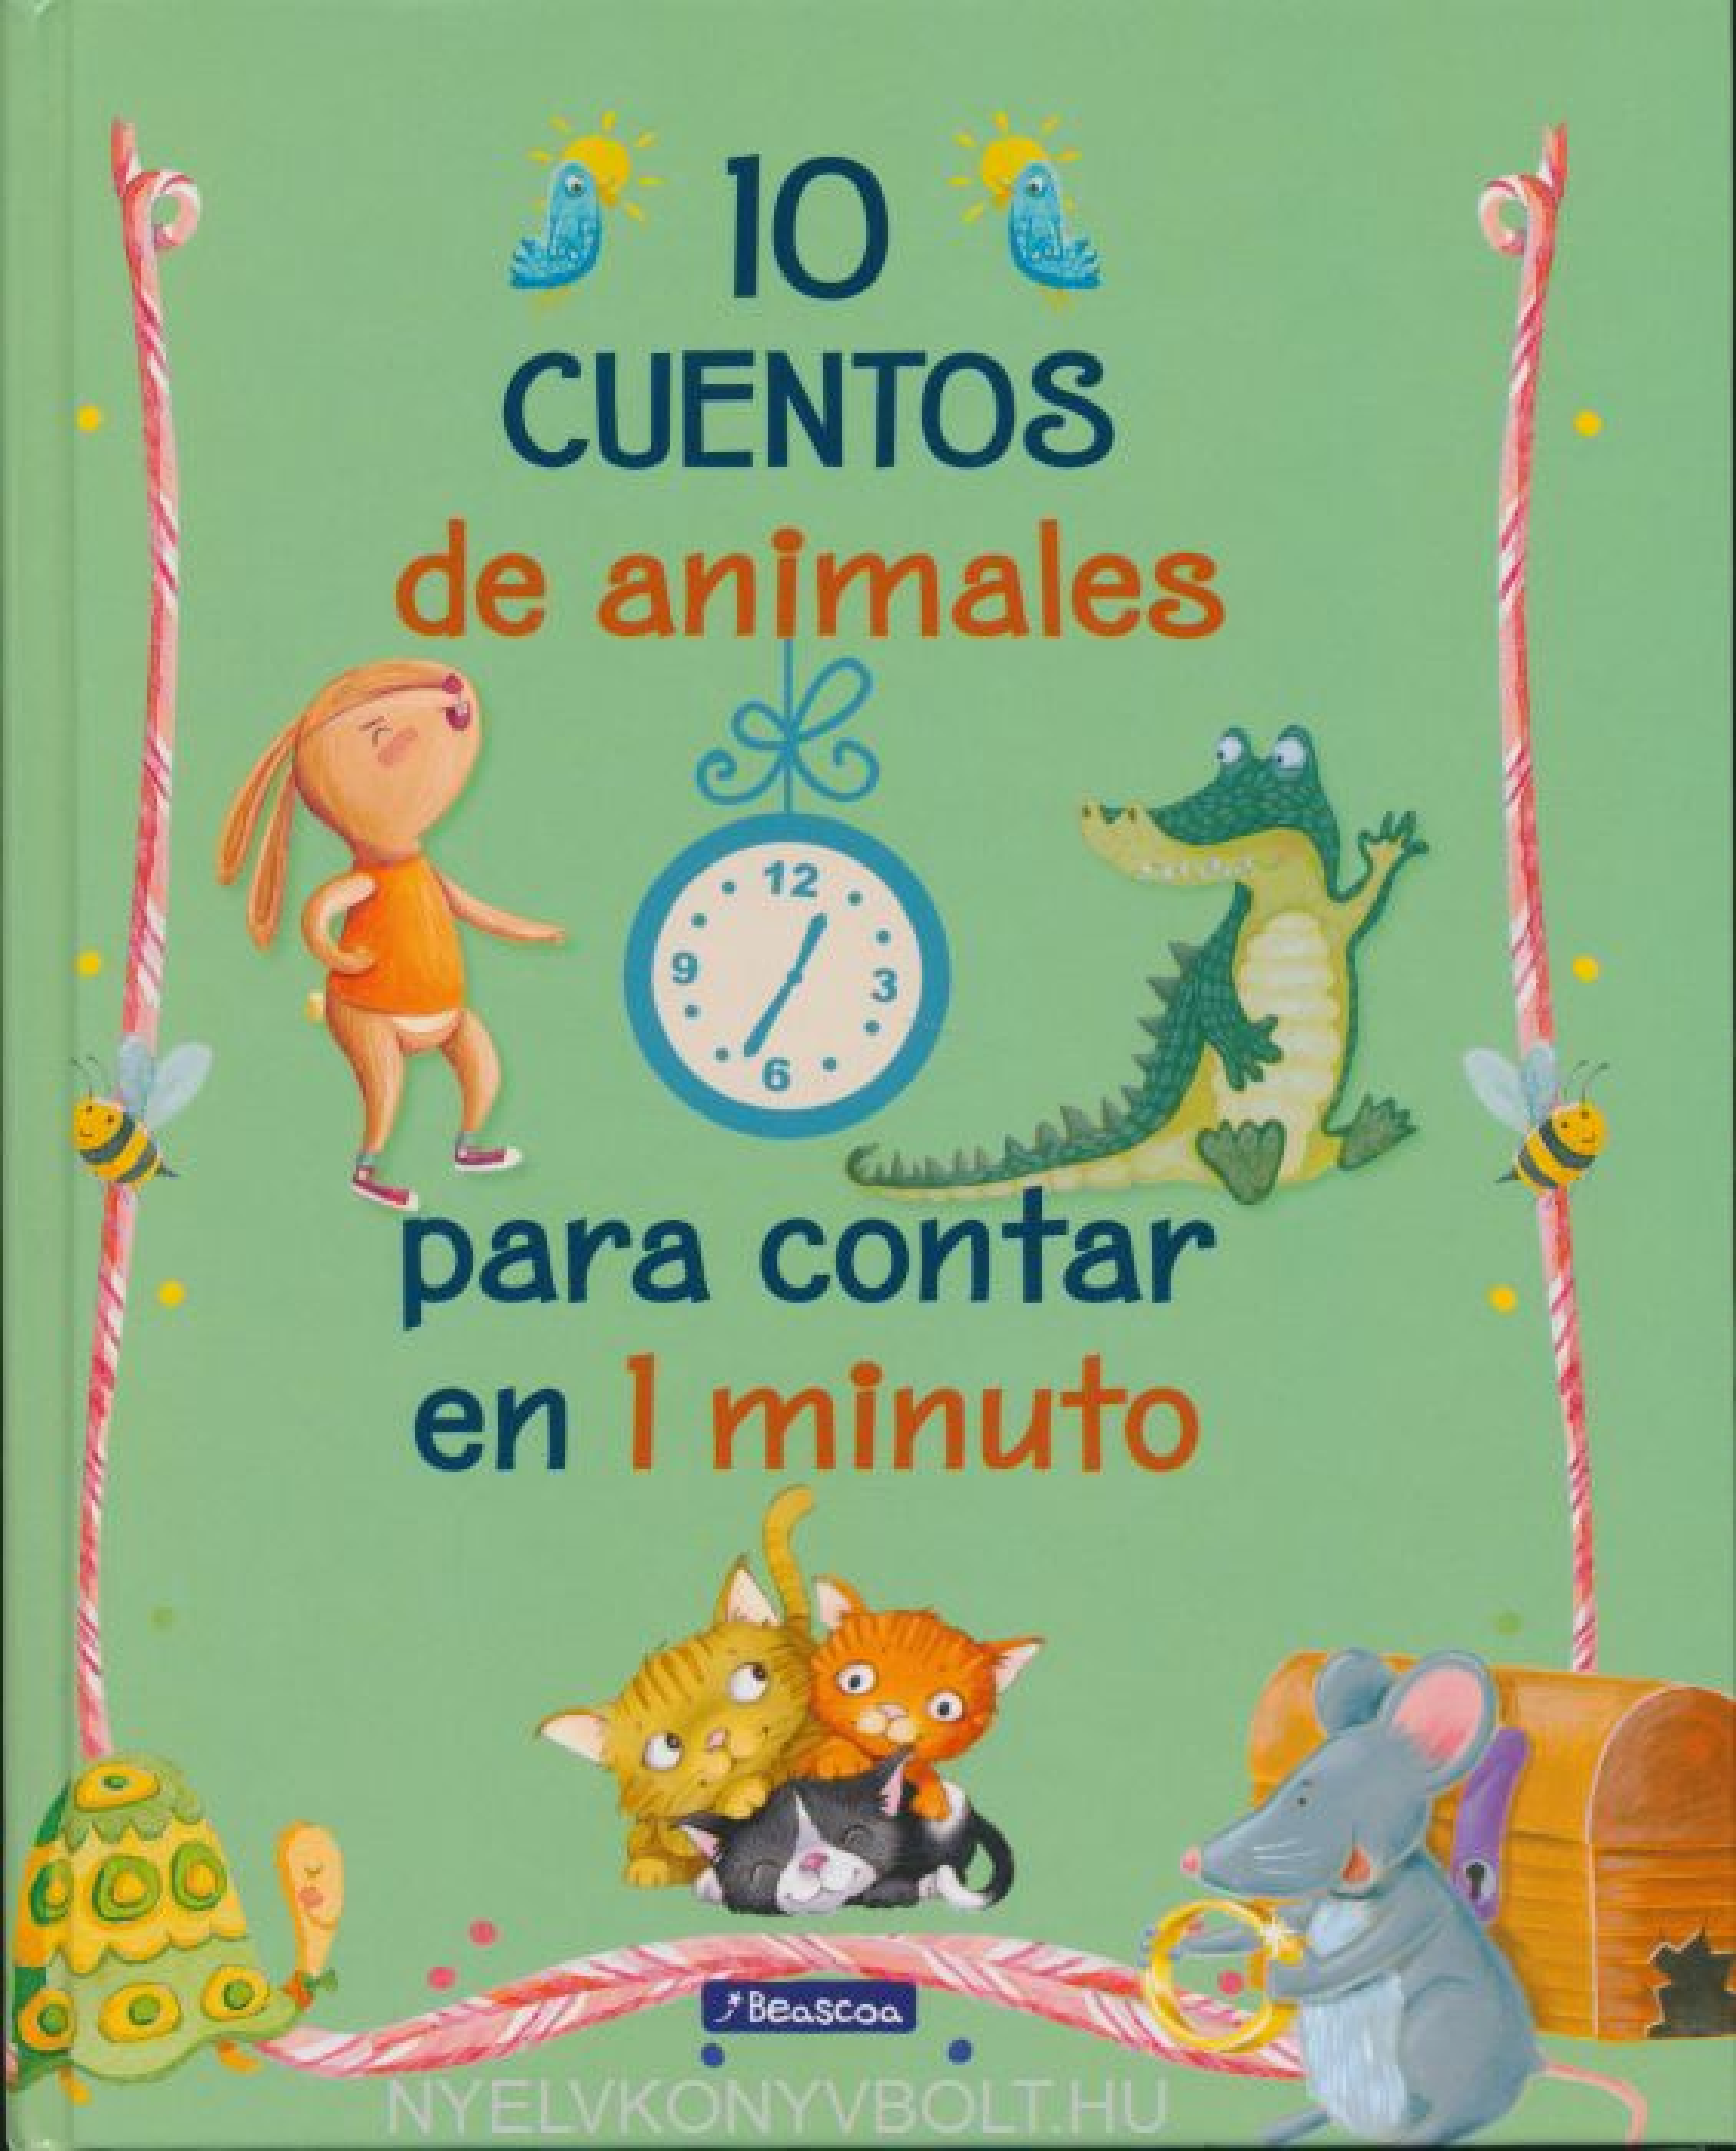 10 cuentos de animales para contar en 1 minuto